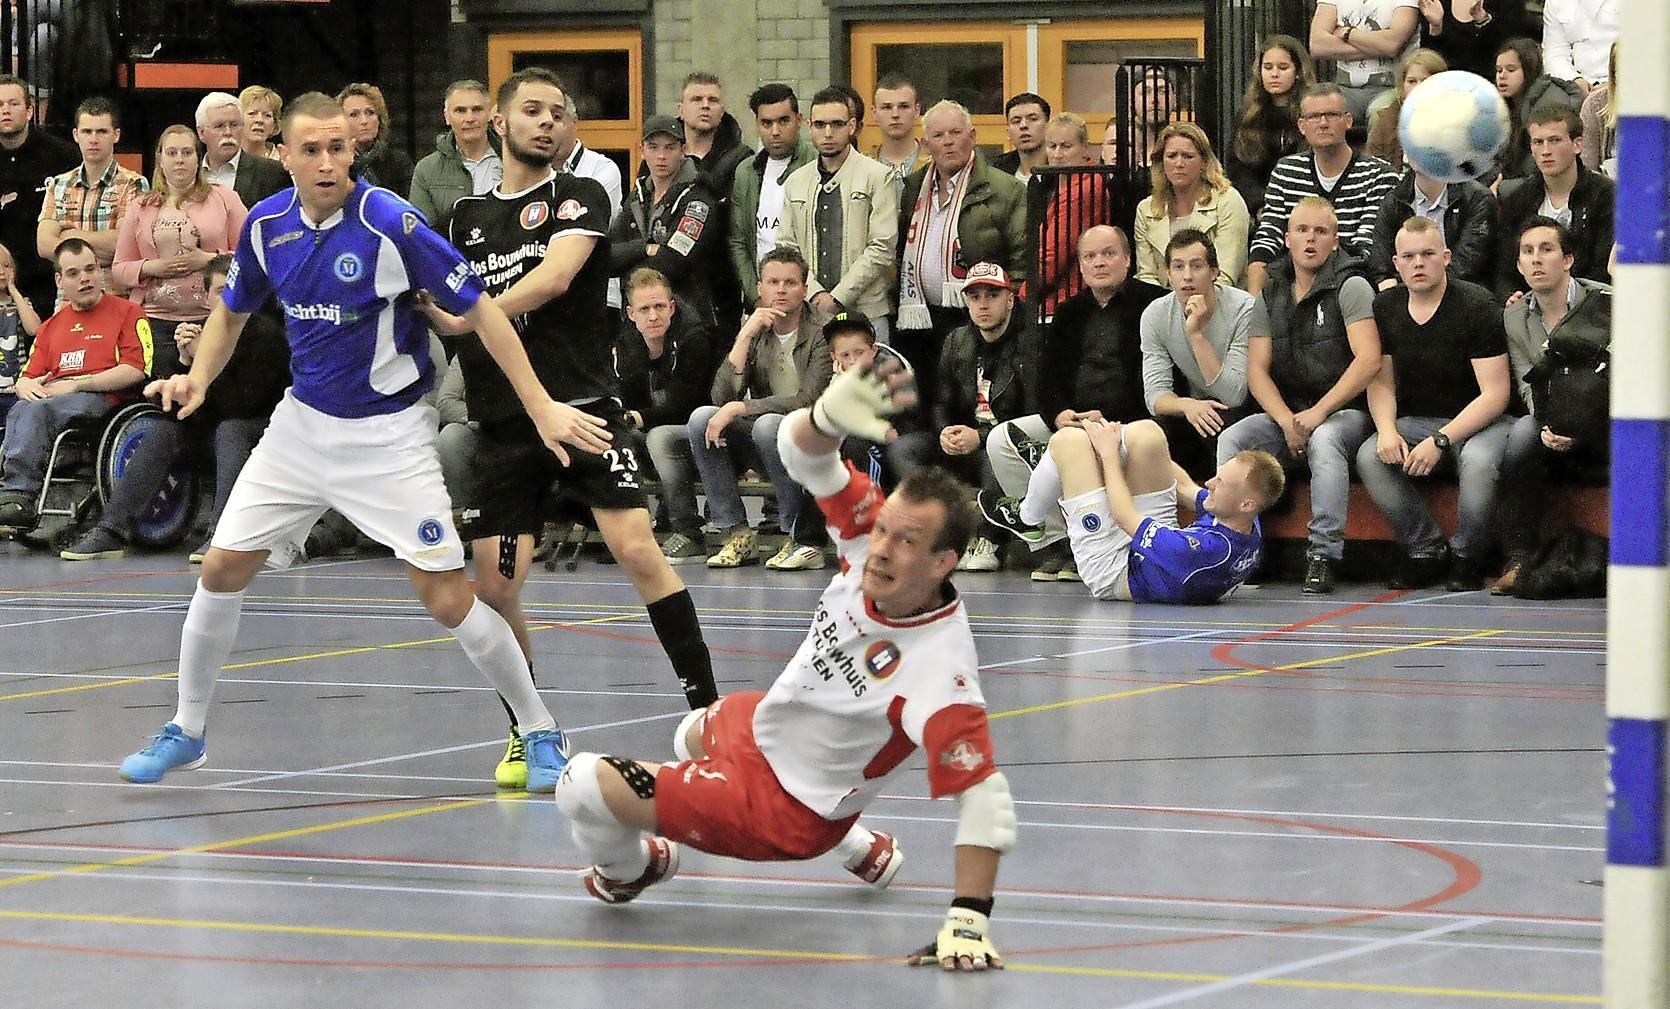 Zaalvoetballer Sander de Zwart bewaart beste herinneringen aan zijn derde landstitel met FC Marlène: 'Daarin was mijn bijdrage veel groter en voelt het meest als mijn eigen kampioenschap'